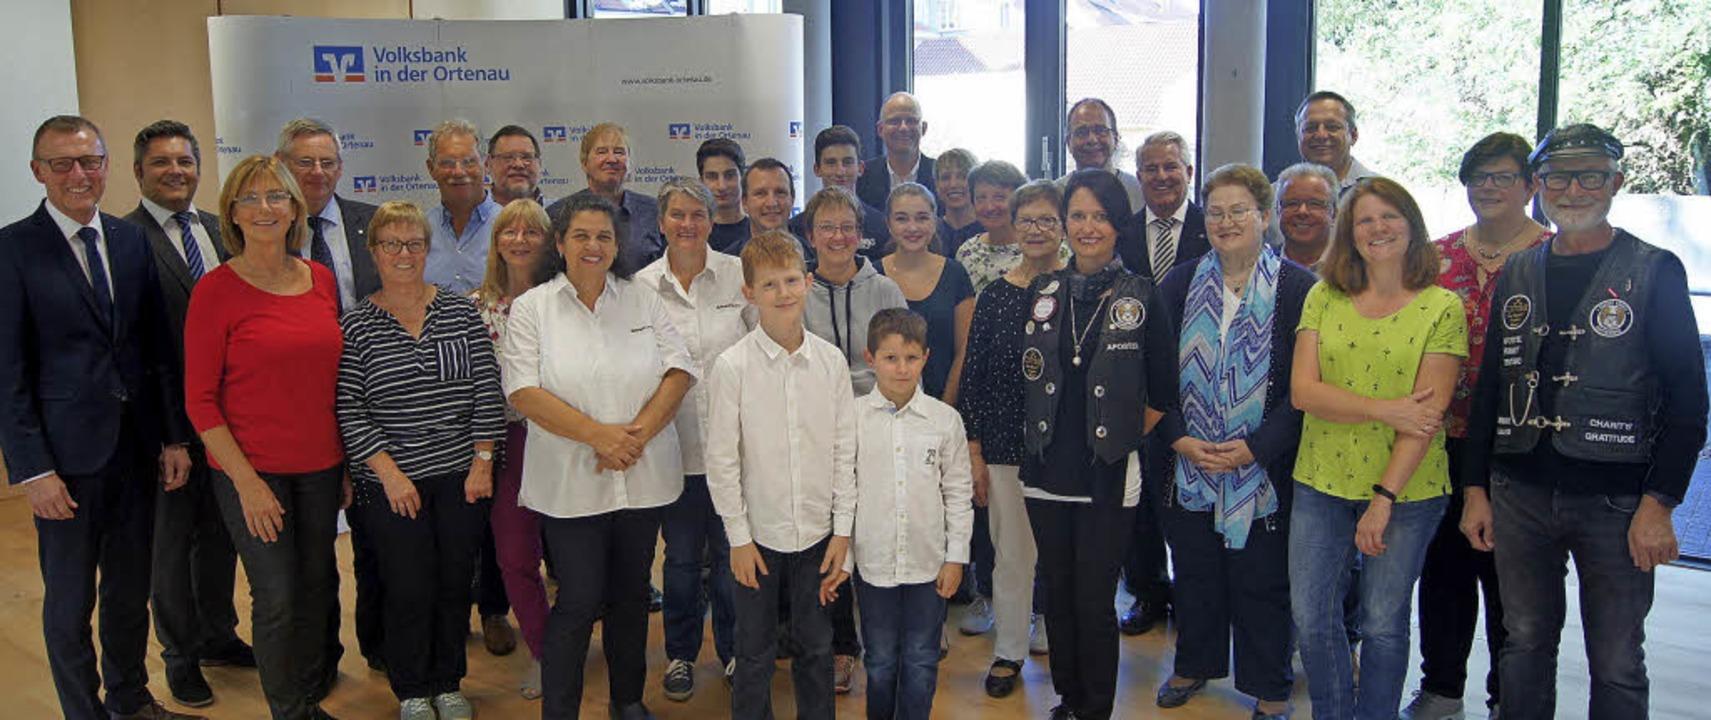 Mehrere Initiativen und Vereine wurden von der Volksbank in der Ortenau geehrt.   | Foto: Carola Bruhier